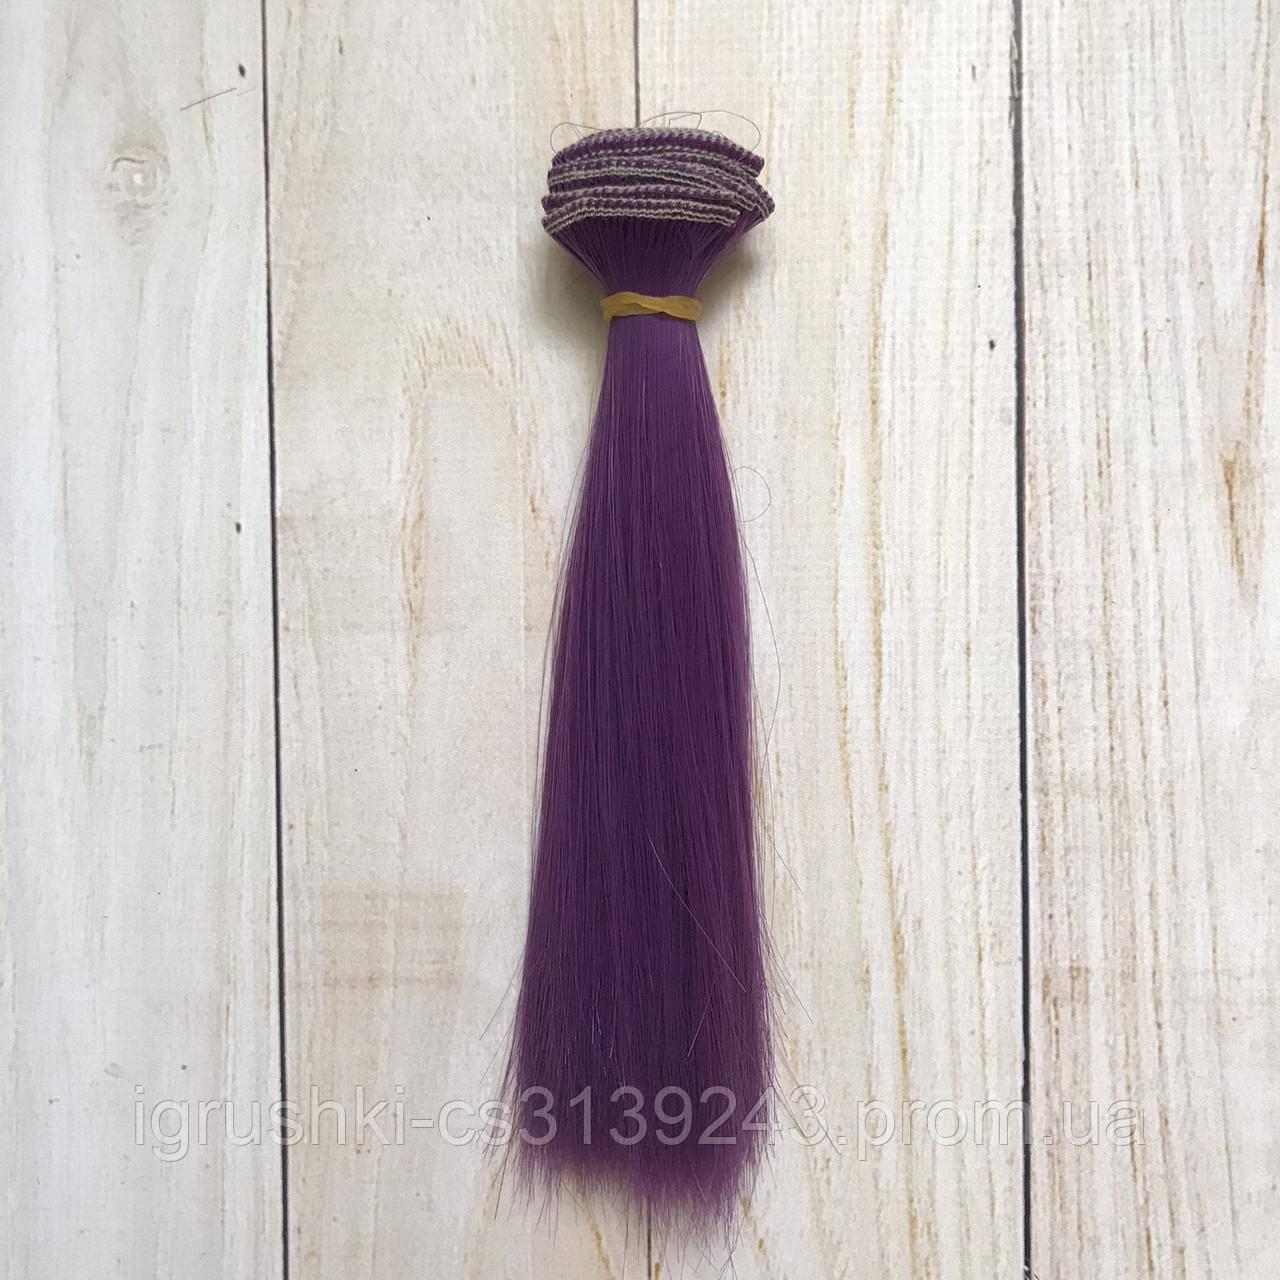 Волосся для ляльок (тресс) 15 * 100 см Колір 36